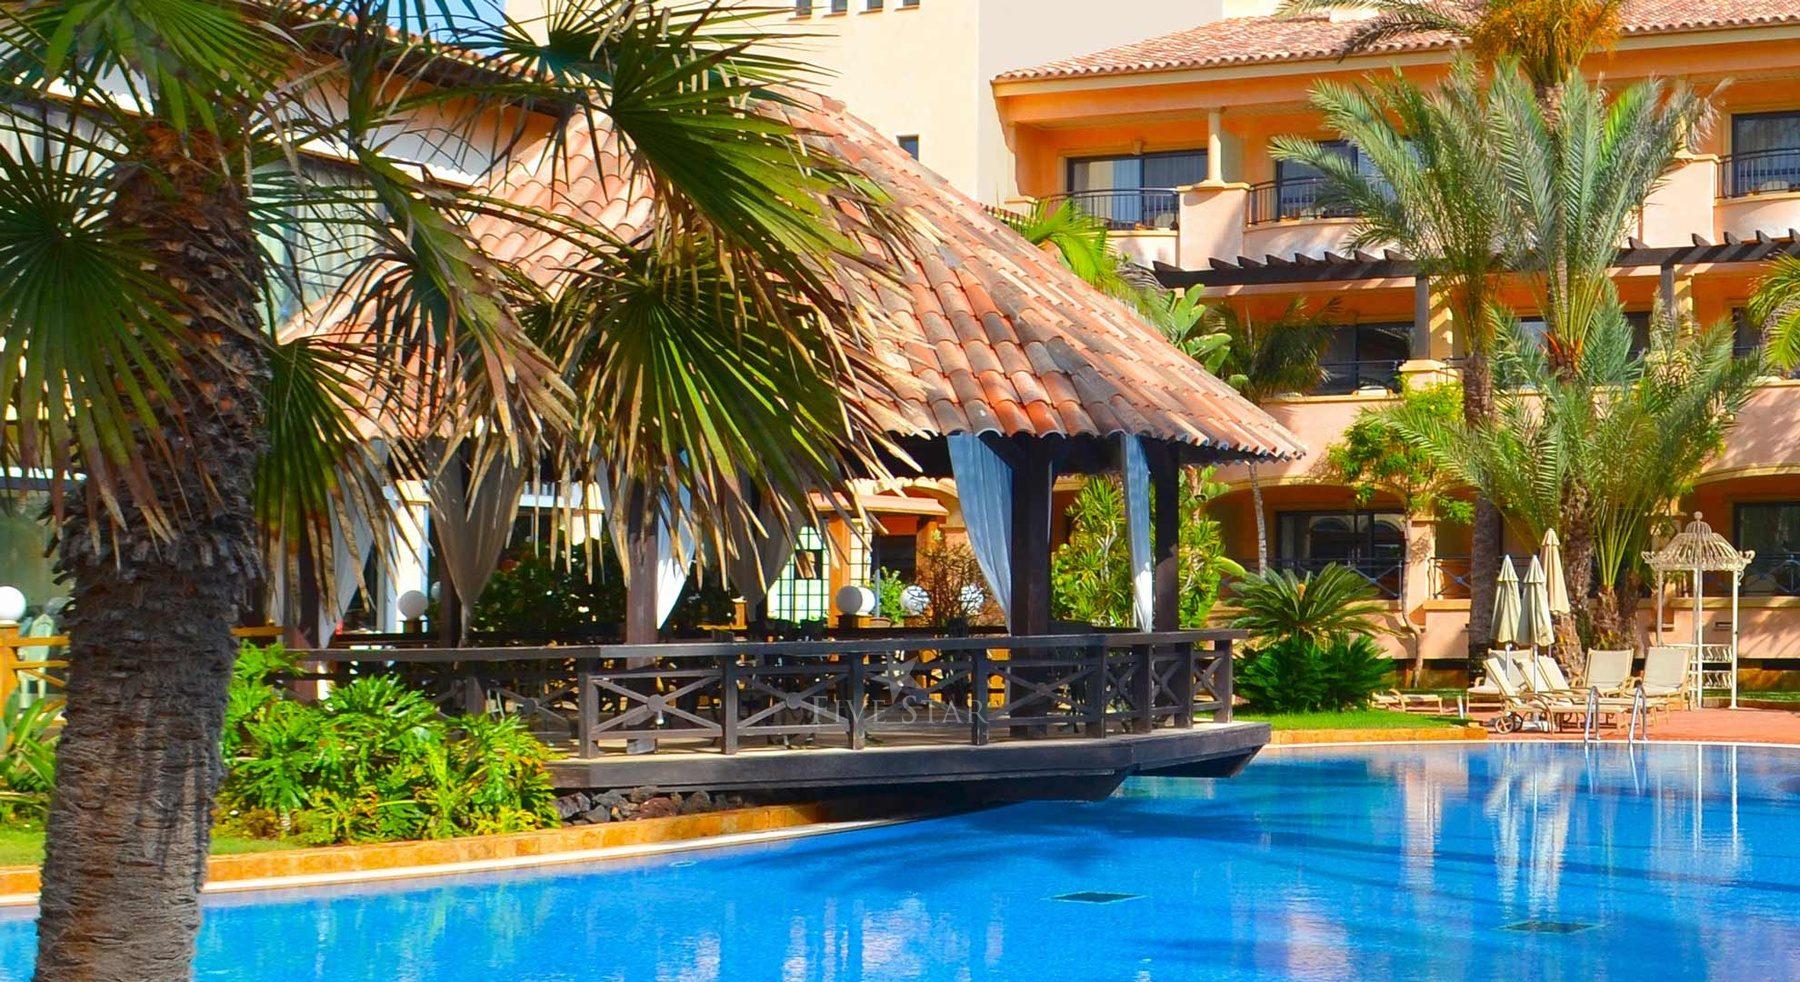 Gran Hotel Atlantis Bahia Real photo 8